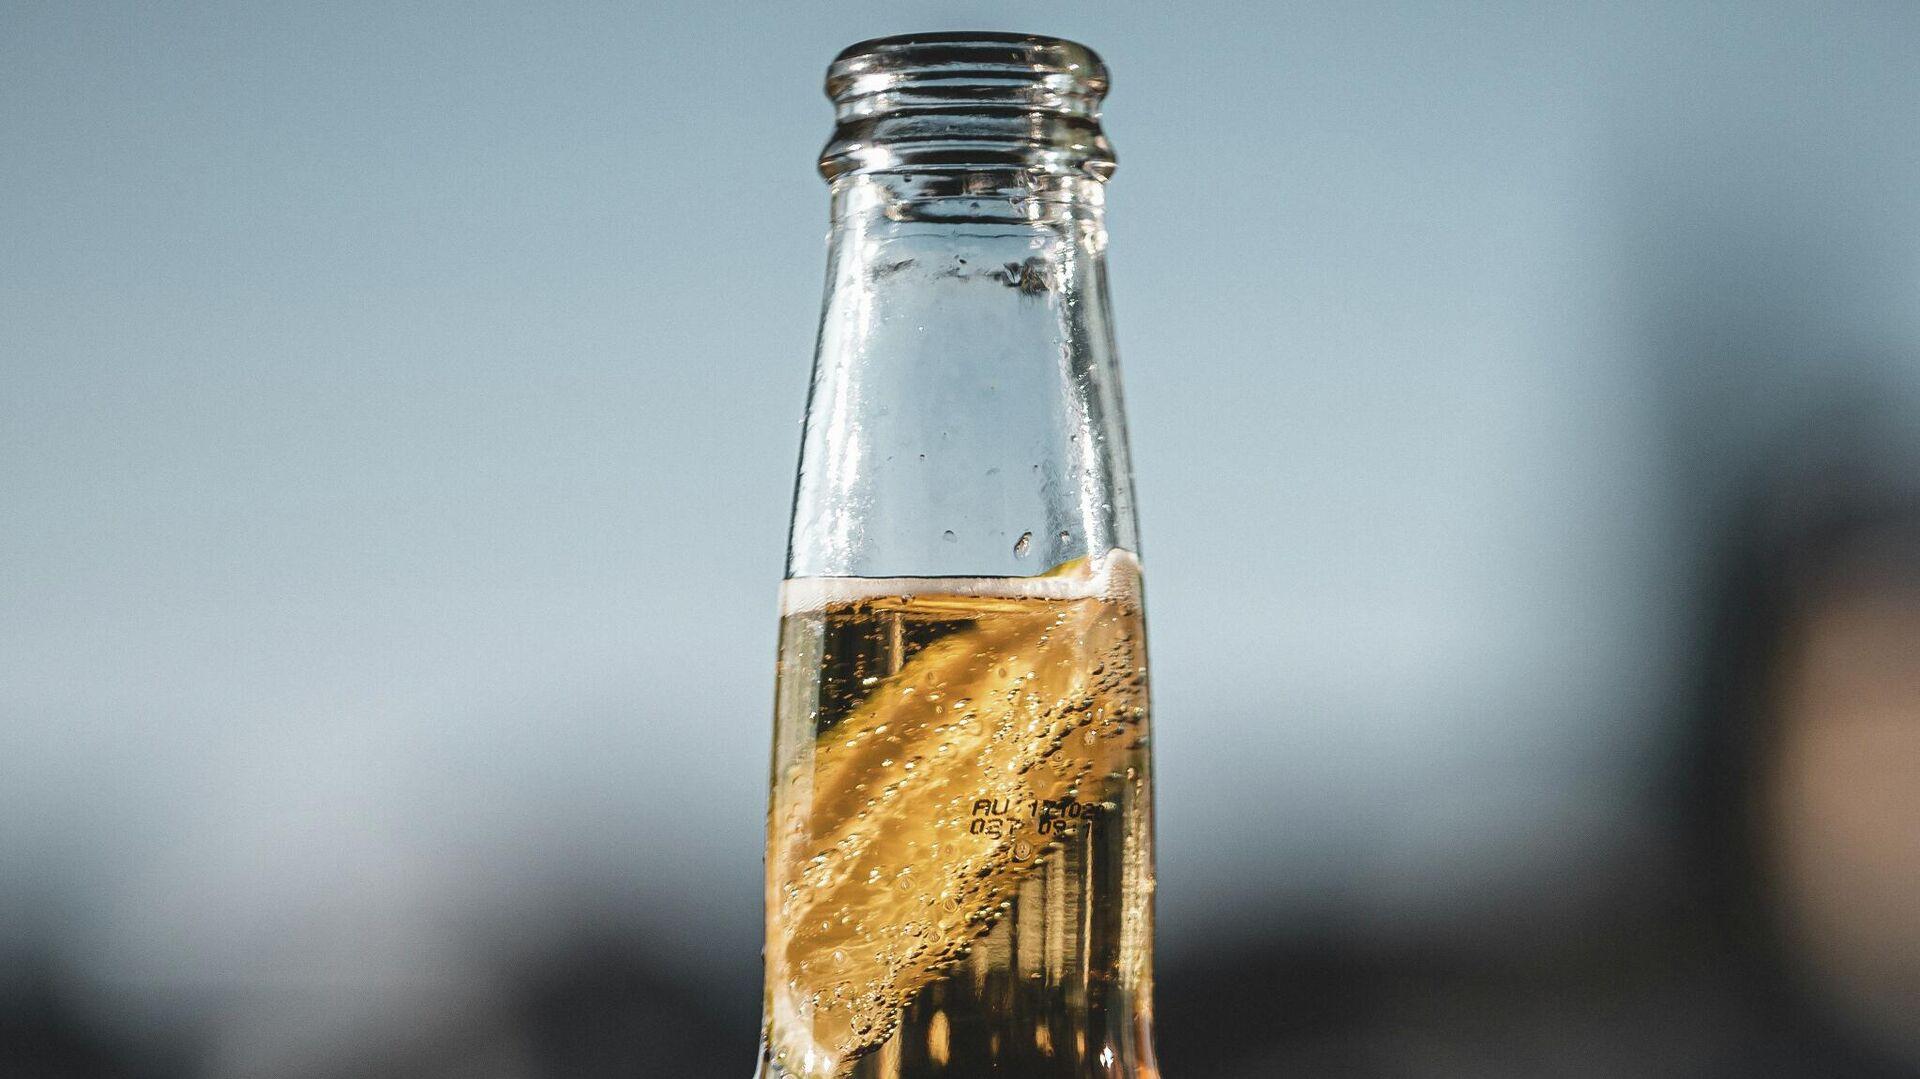 Una botella de cerveza, ilustración - Sputnik Mundo, 1920, 27.03.2021